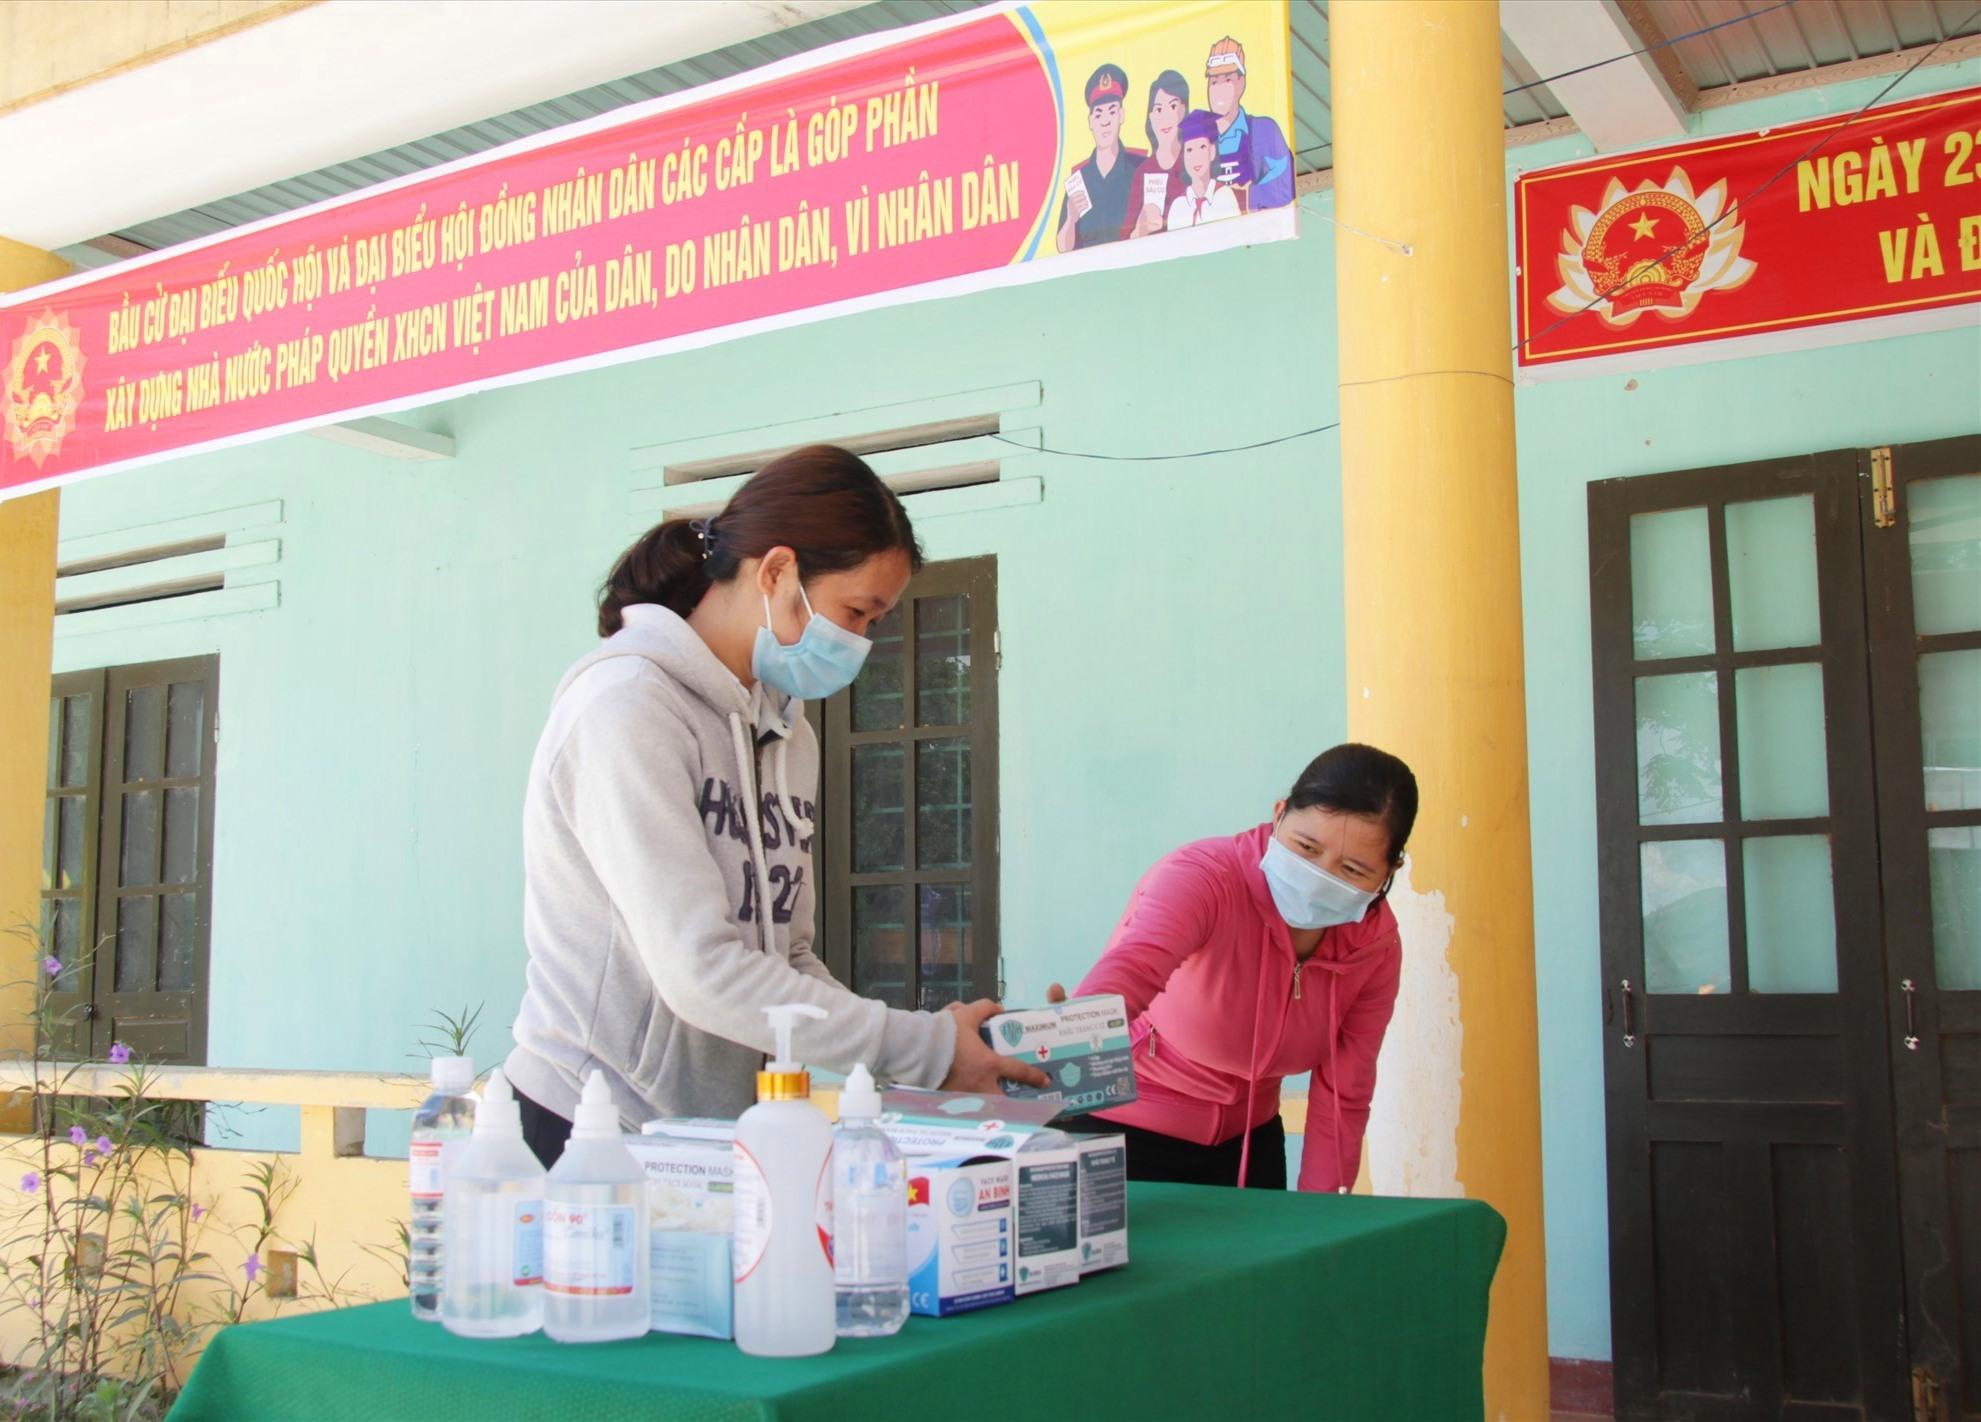 Chuẩn bị các vật tư, thiết bị y tế để phòng chống dịch Covid-19 trong bầu cử. Ảnh: Q.H